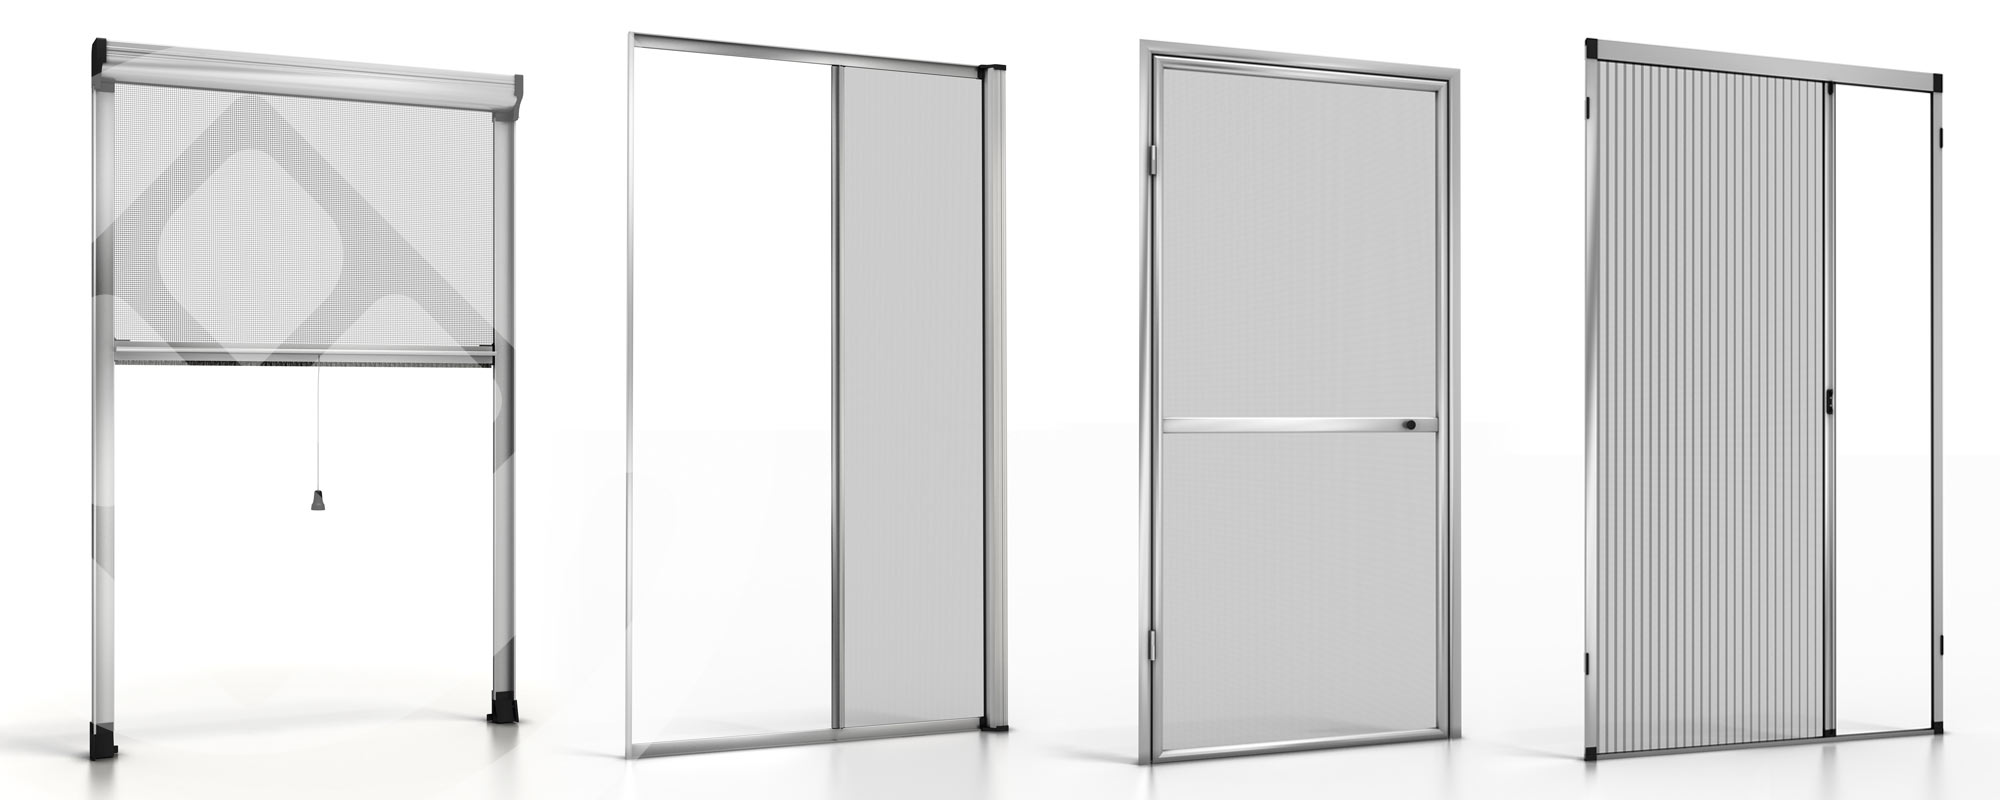 fabricante-mosquiteras-puertas-abatible-ventanas